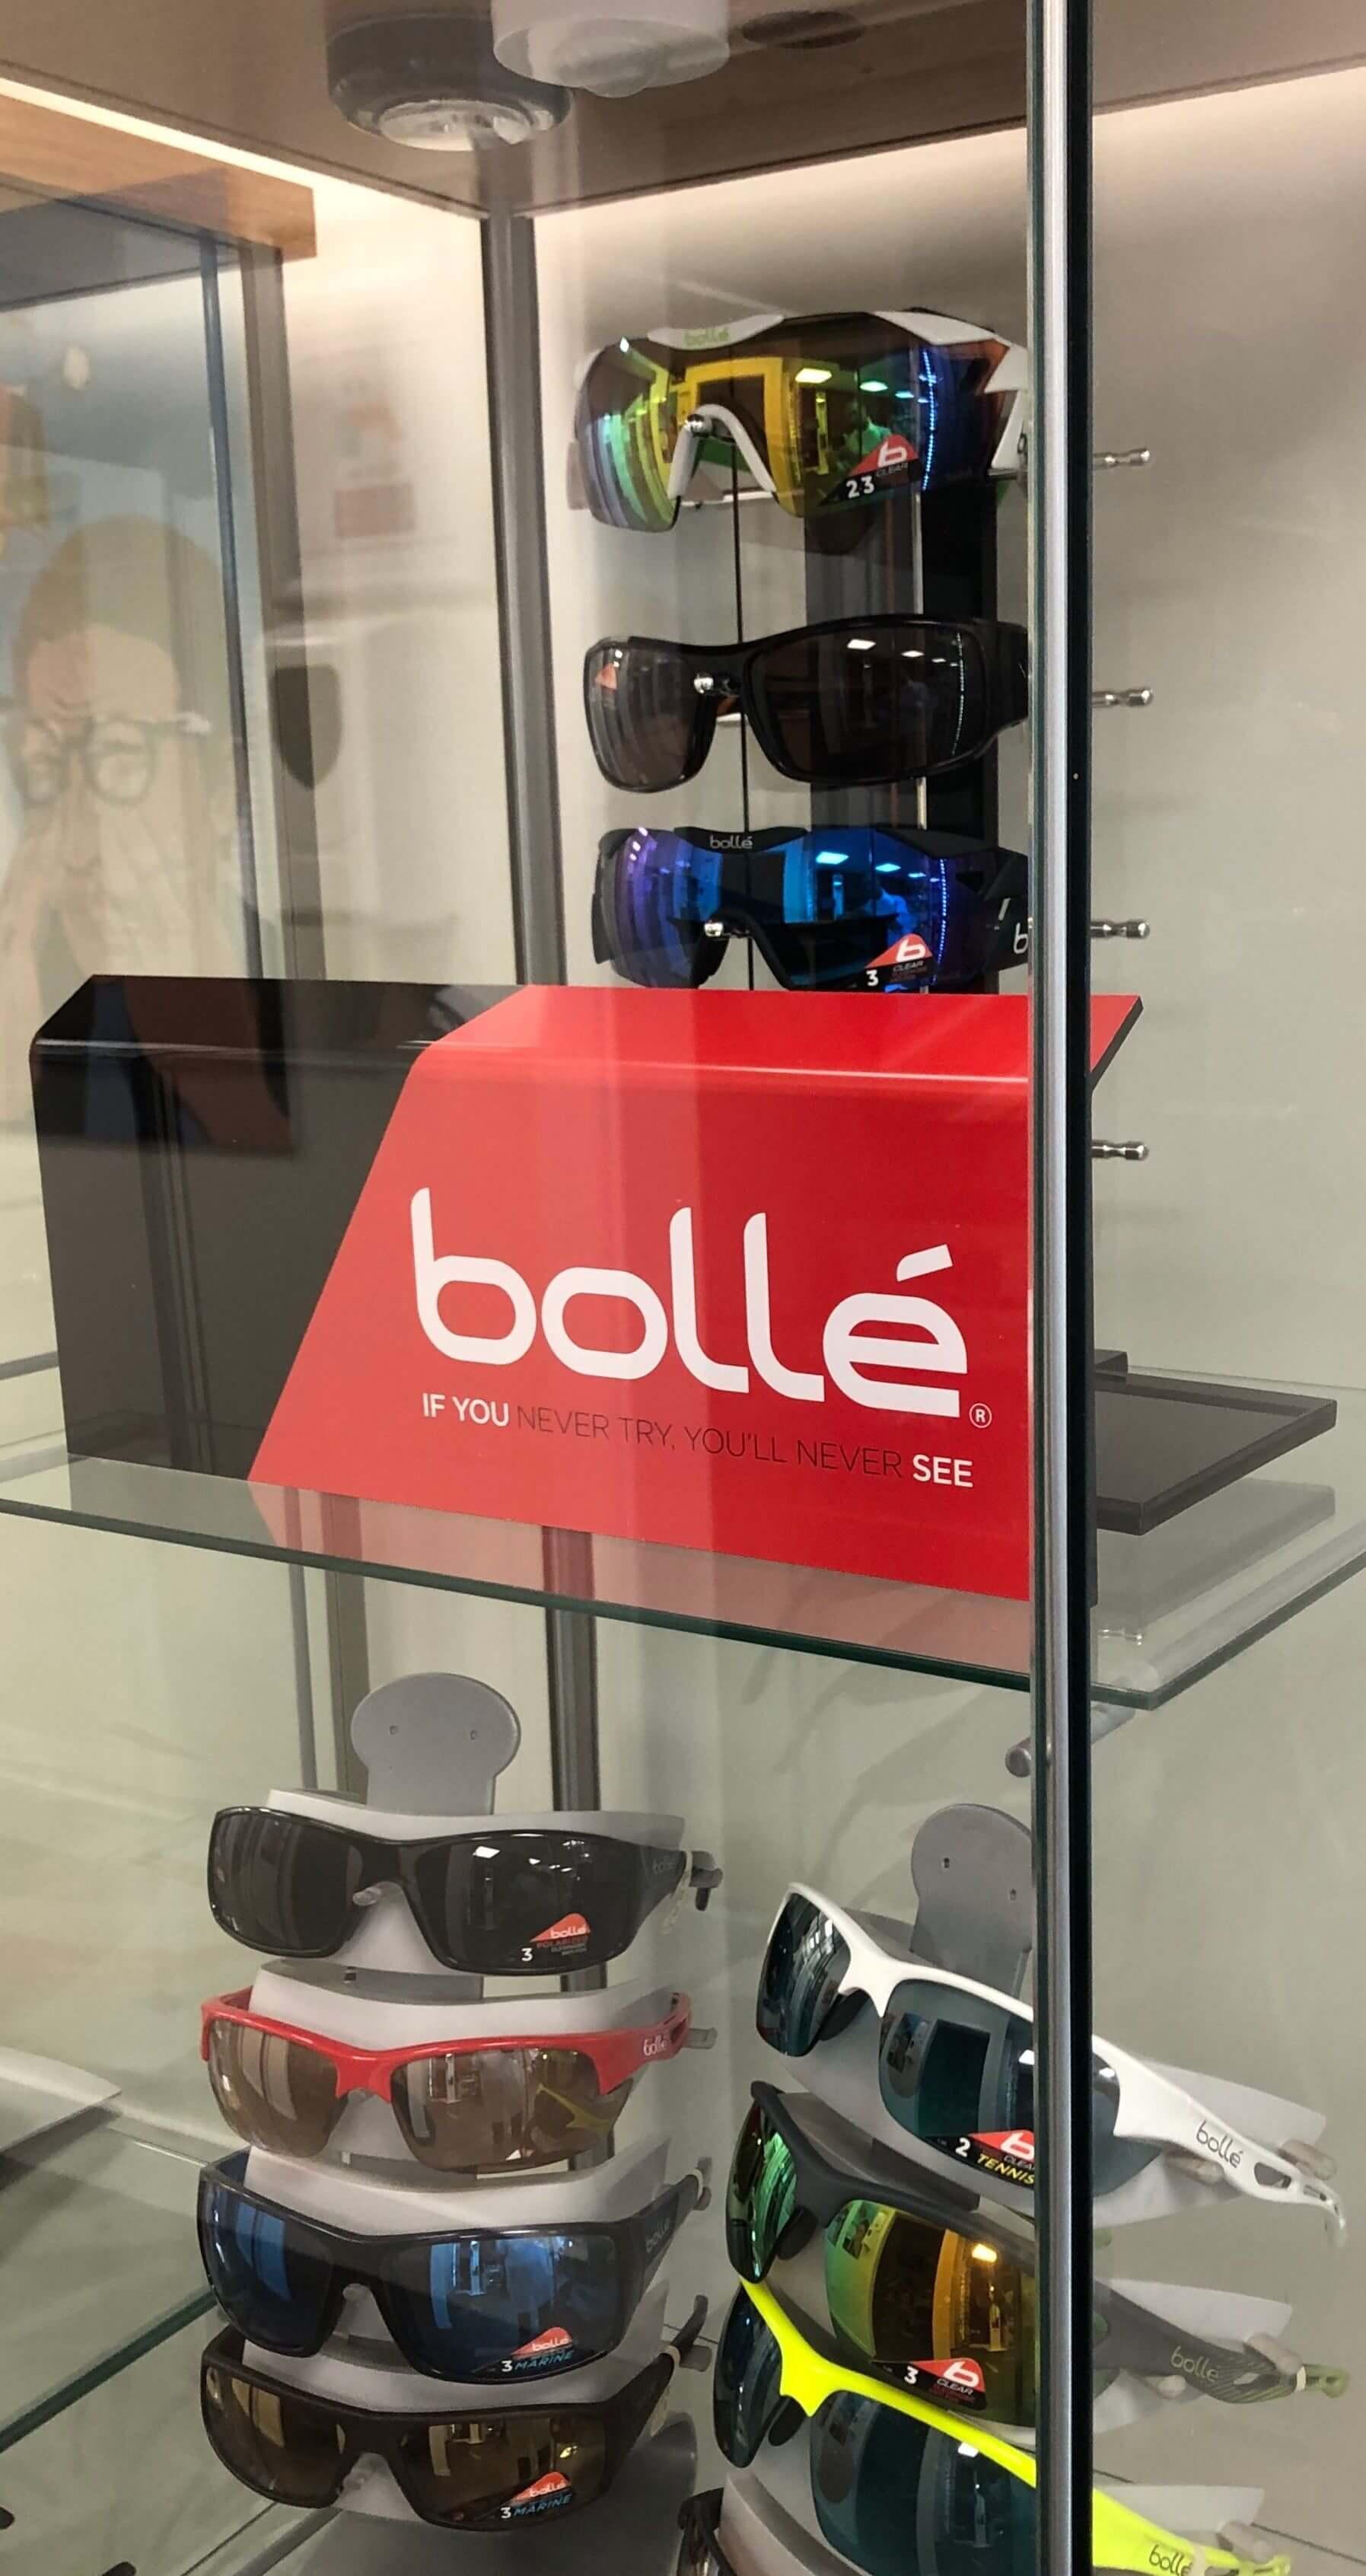 Bollé sunglasses